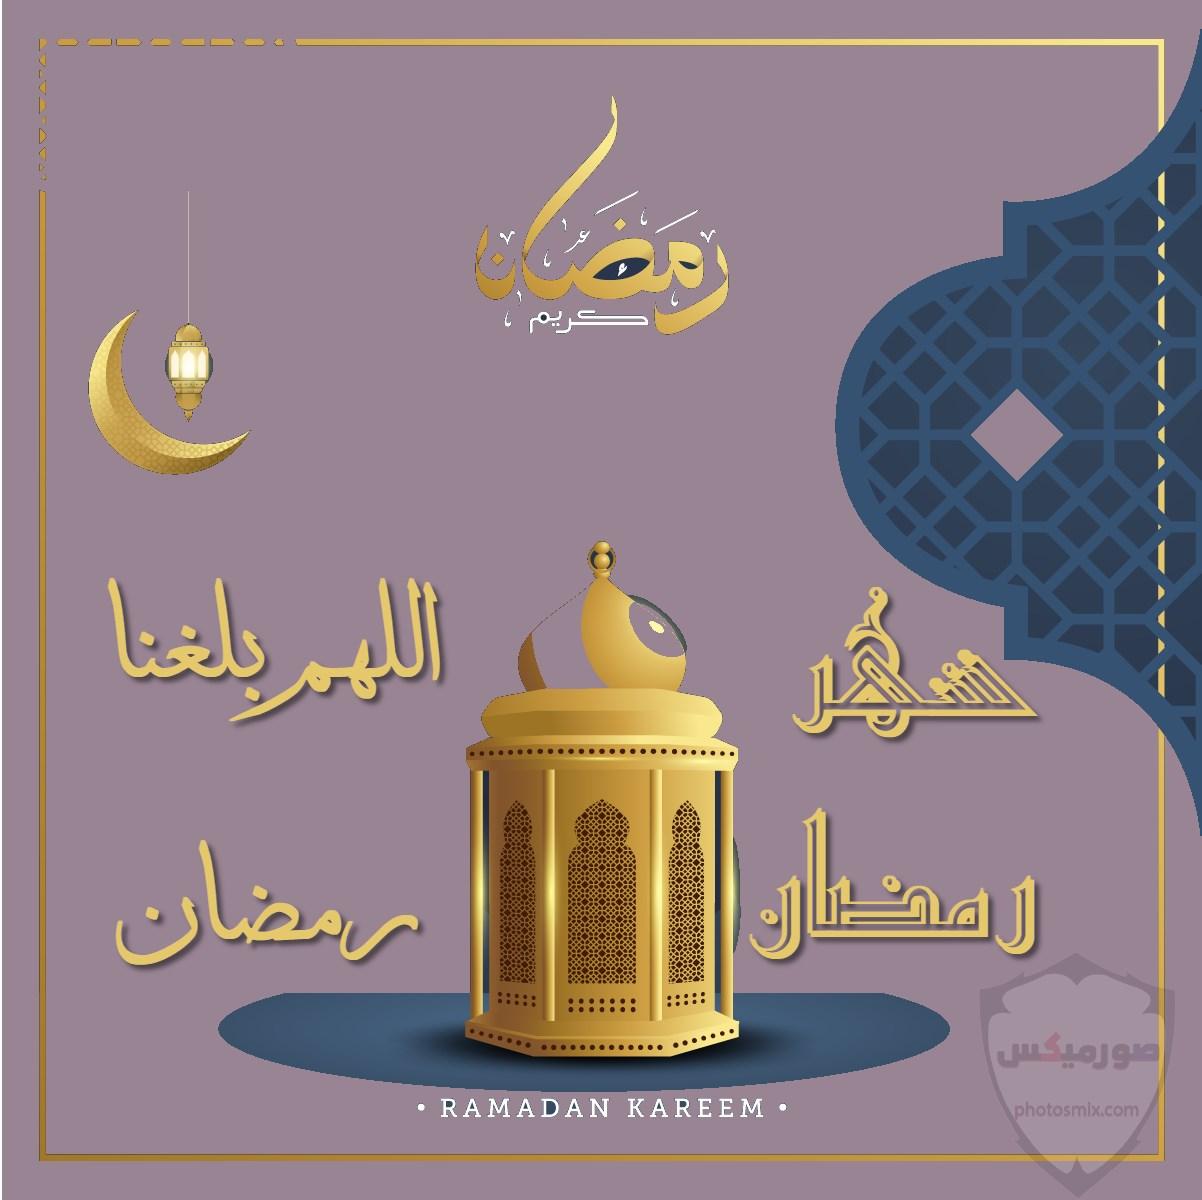 صور رمضان 2020 خلفيات صور رمضان 2020 1 1